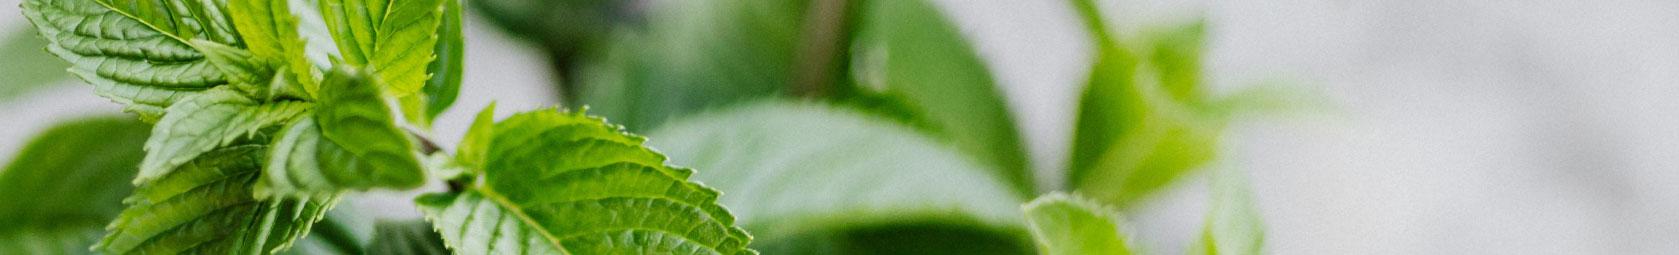 Grüne Pflanzen